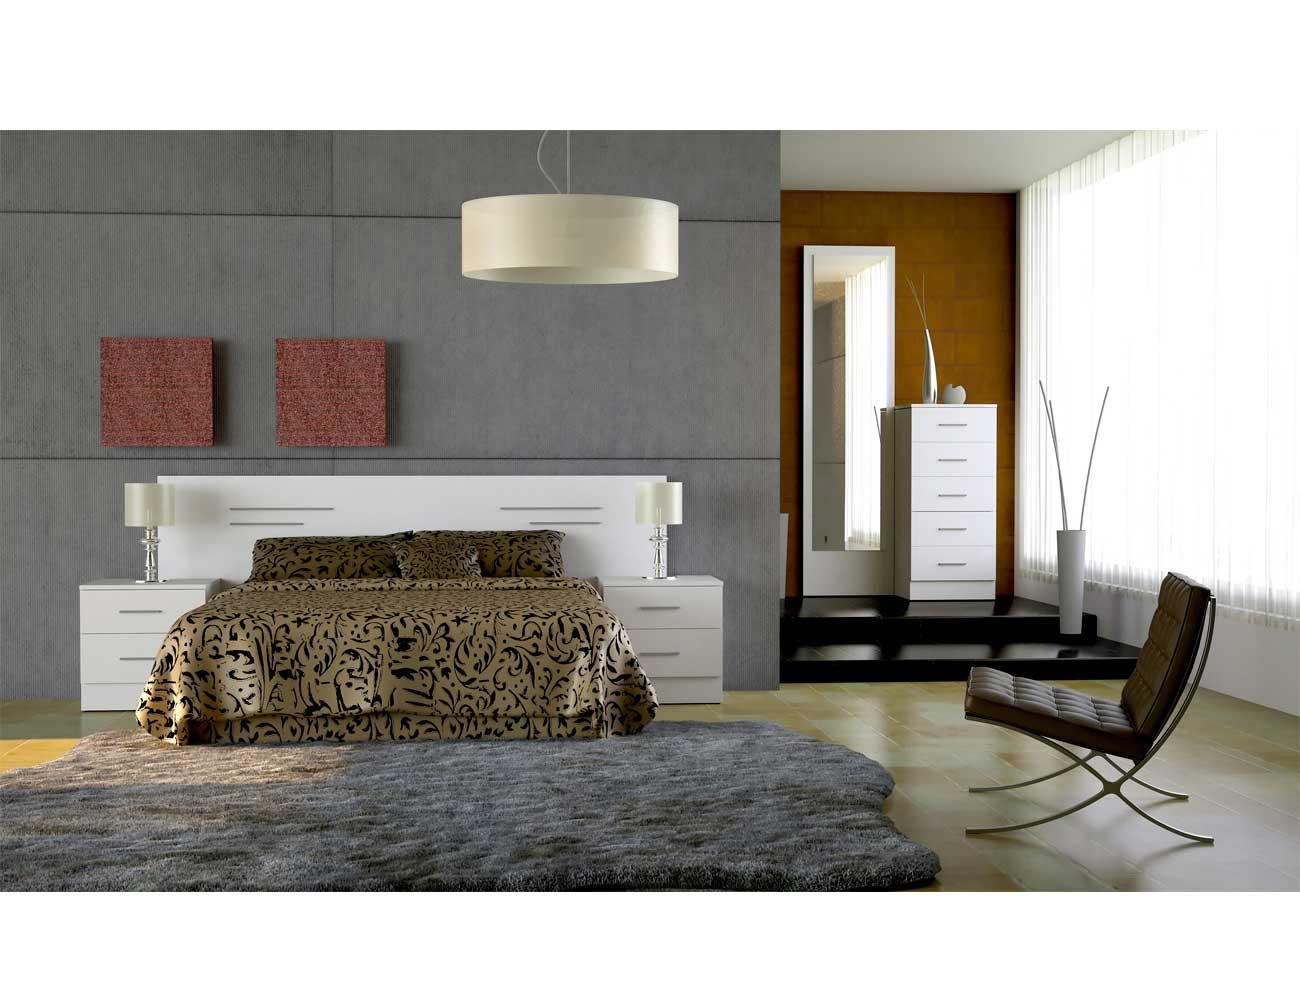 Dormitorio matrimonio estilo moderno expo blanco